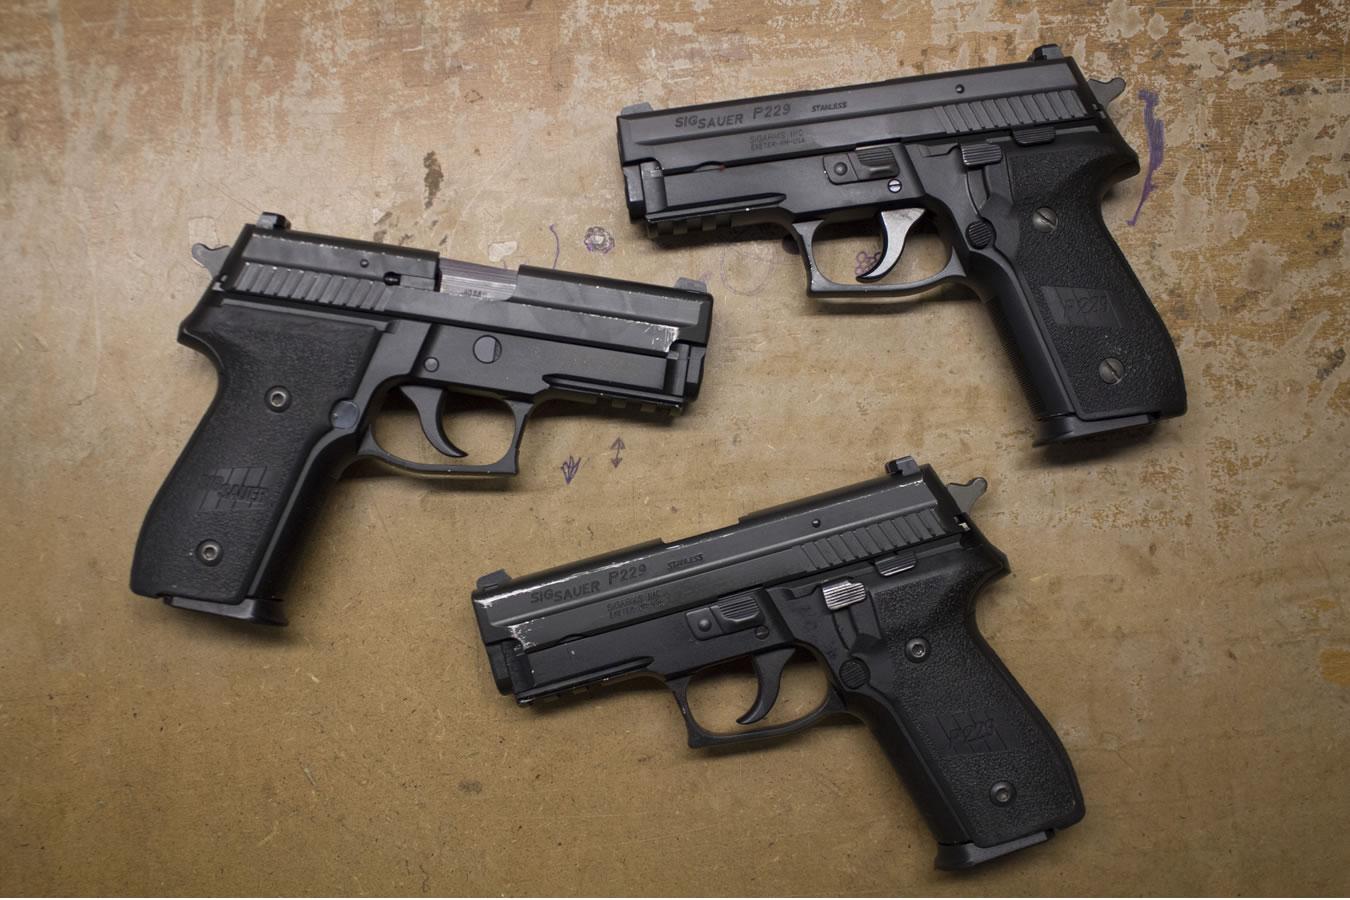 P229R 40 S&W DA/SA Police Trade-in Pistols with Rail (Fair Condition)